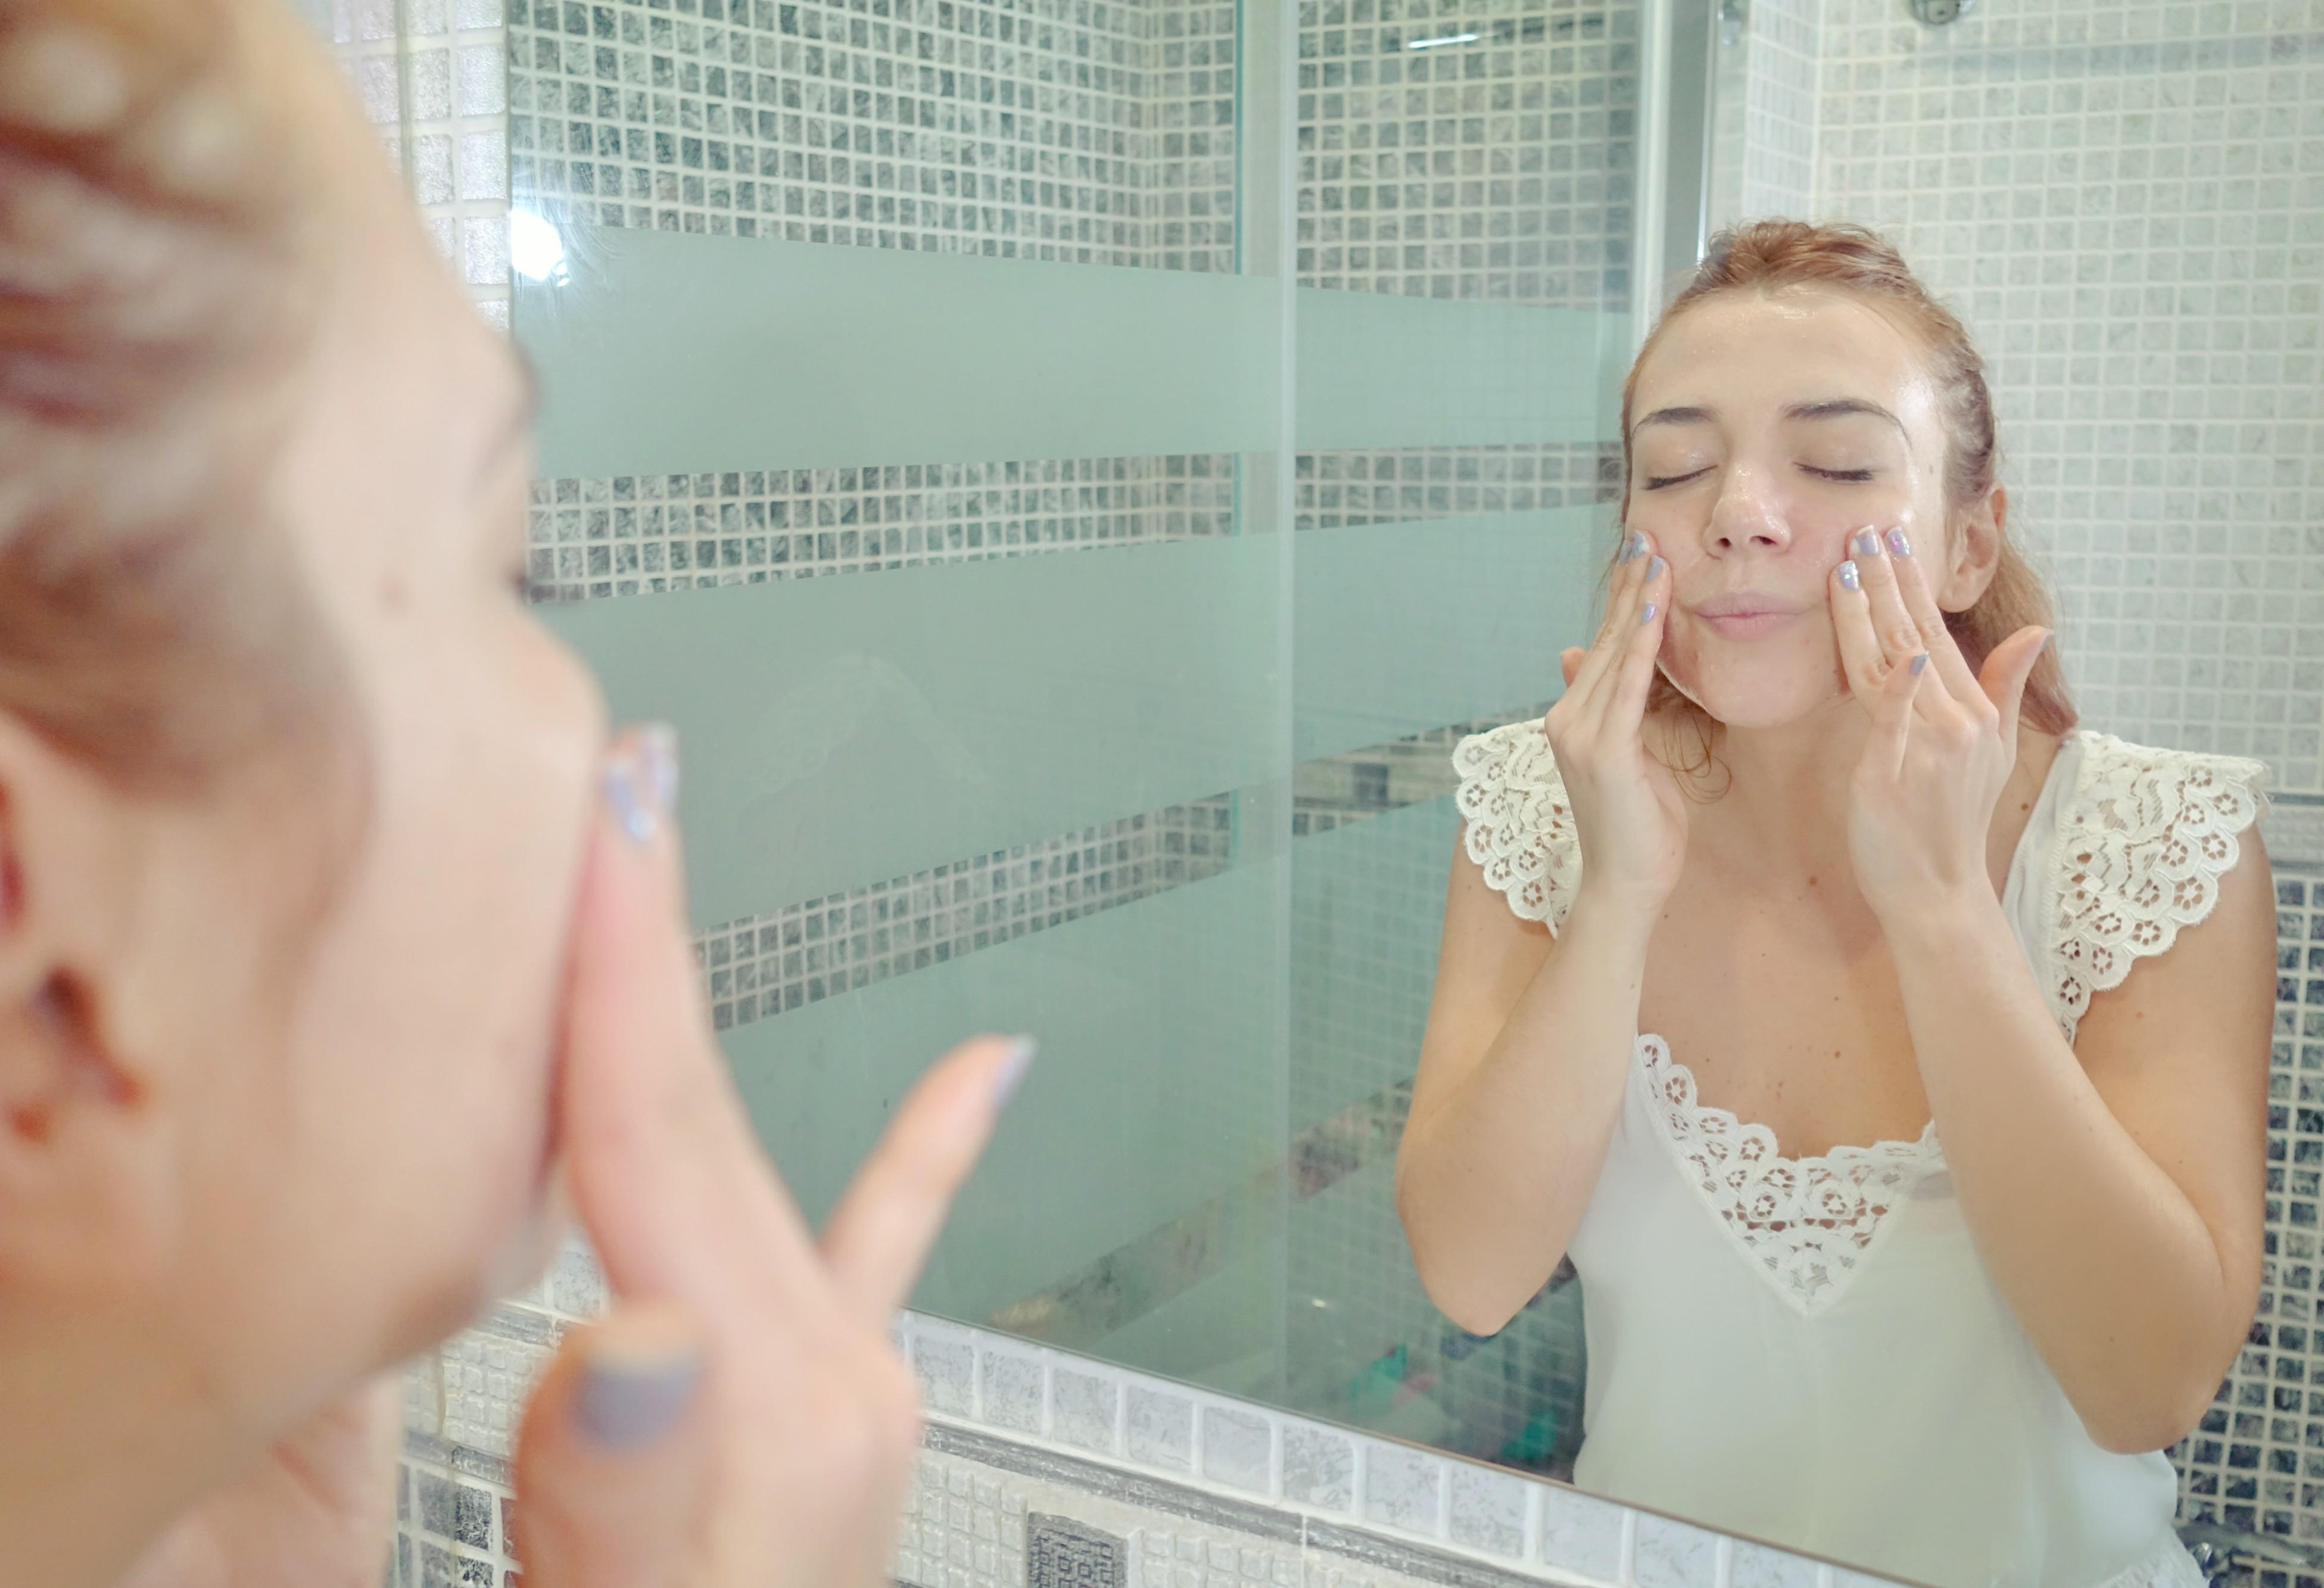 Tratamiento-para-controlar-el-acne-Eucerin-Dermopure-ChicAdicta-blog-de-moda-influencer-Chic-Adicta-mejorar-piel-grasa-PiensaenChic-Piensa-en-Chic